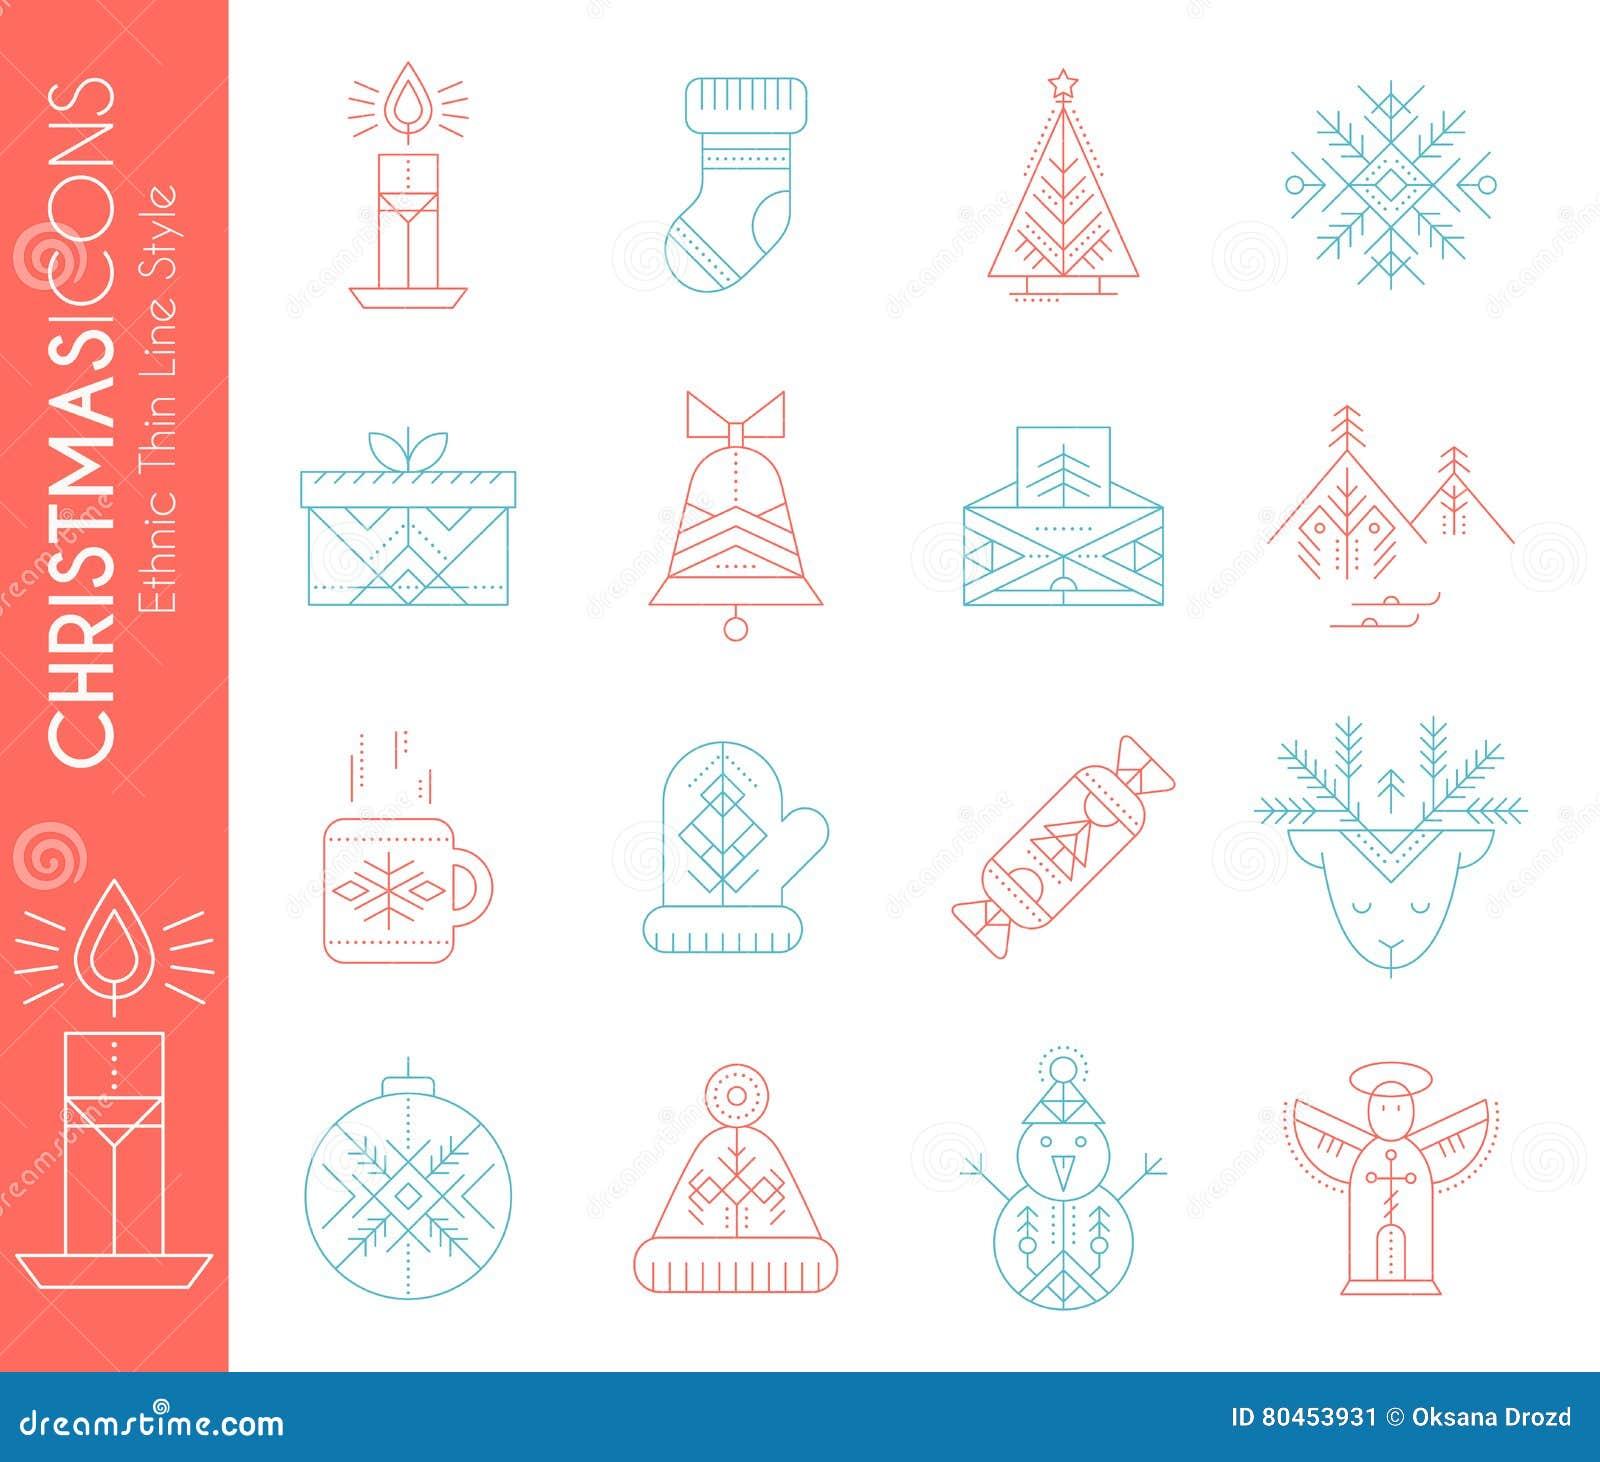 Święta przycinanie cyfrowej zawiera symbole ilustracyjne ustalenia ścieżki Kolekcja kreatywnie kreskowego stylu projekta elementy